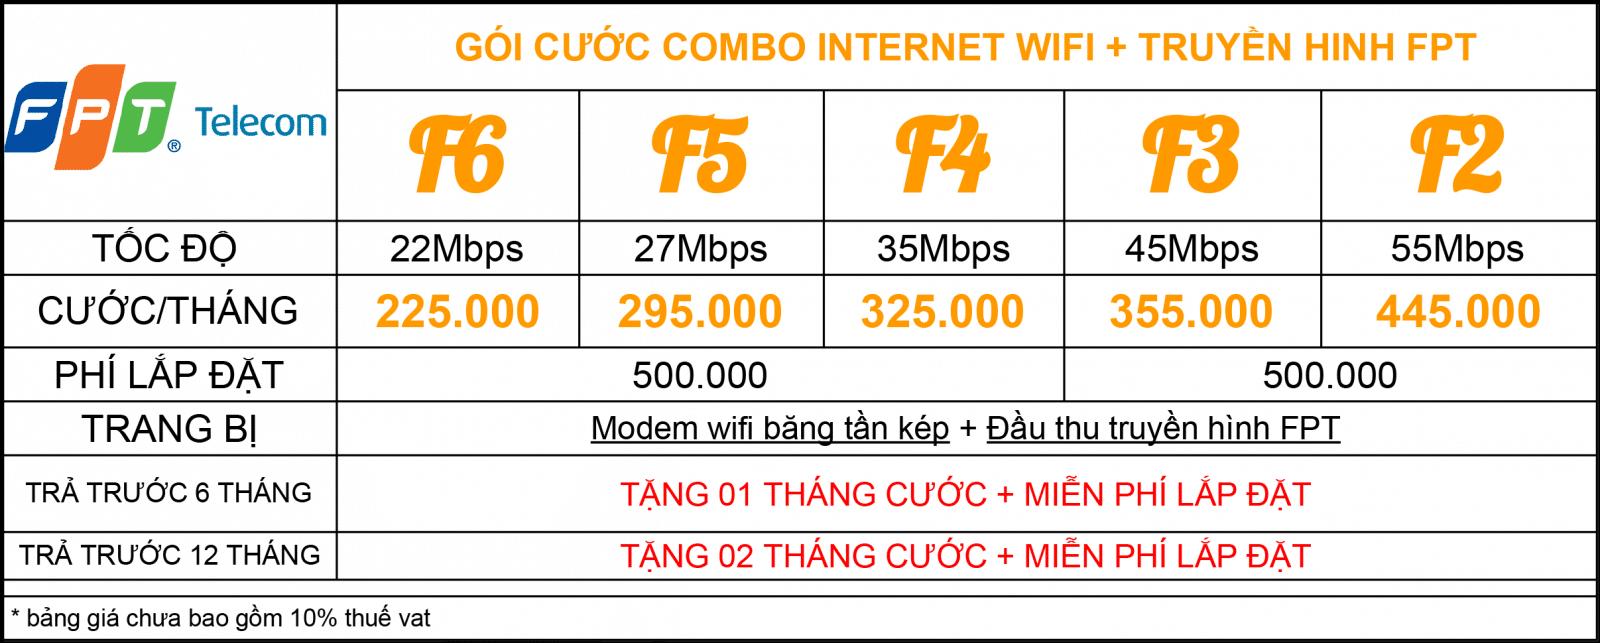 Bảng giá cước COMBO Internet FPT và truyền hình FPT